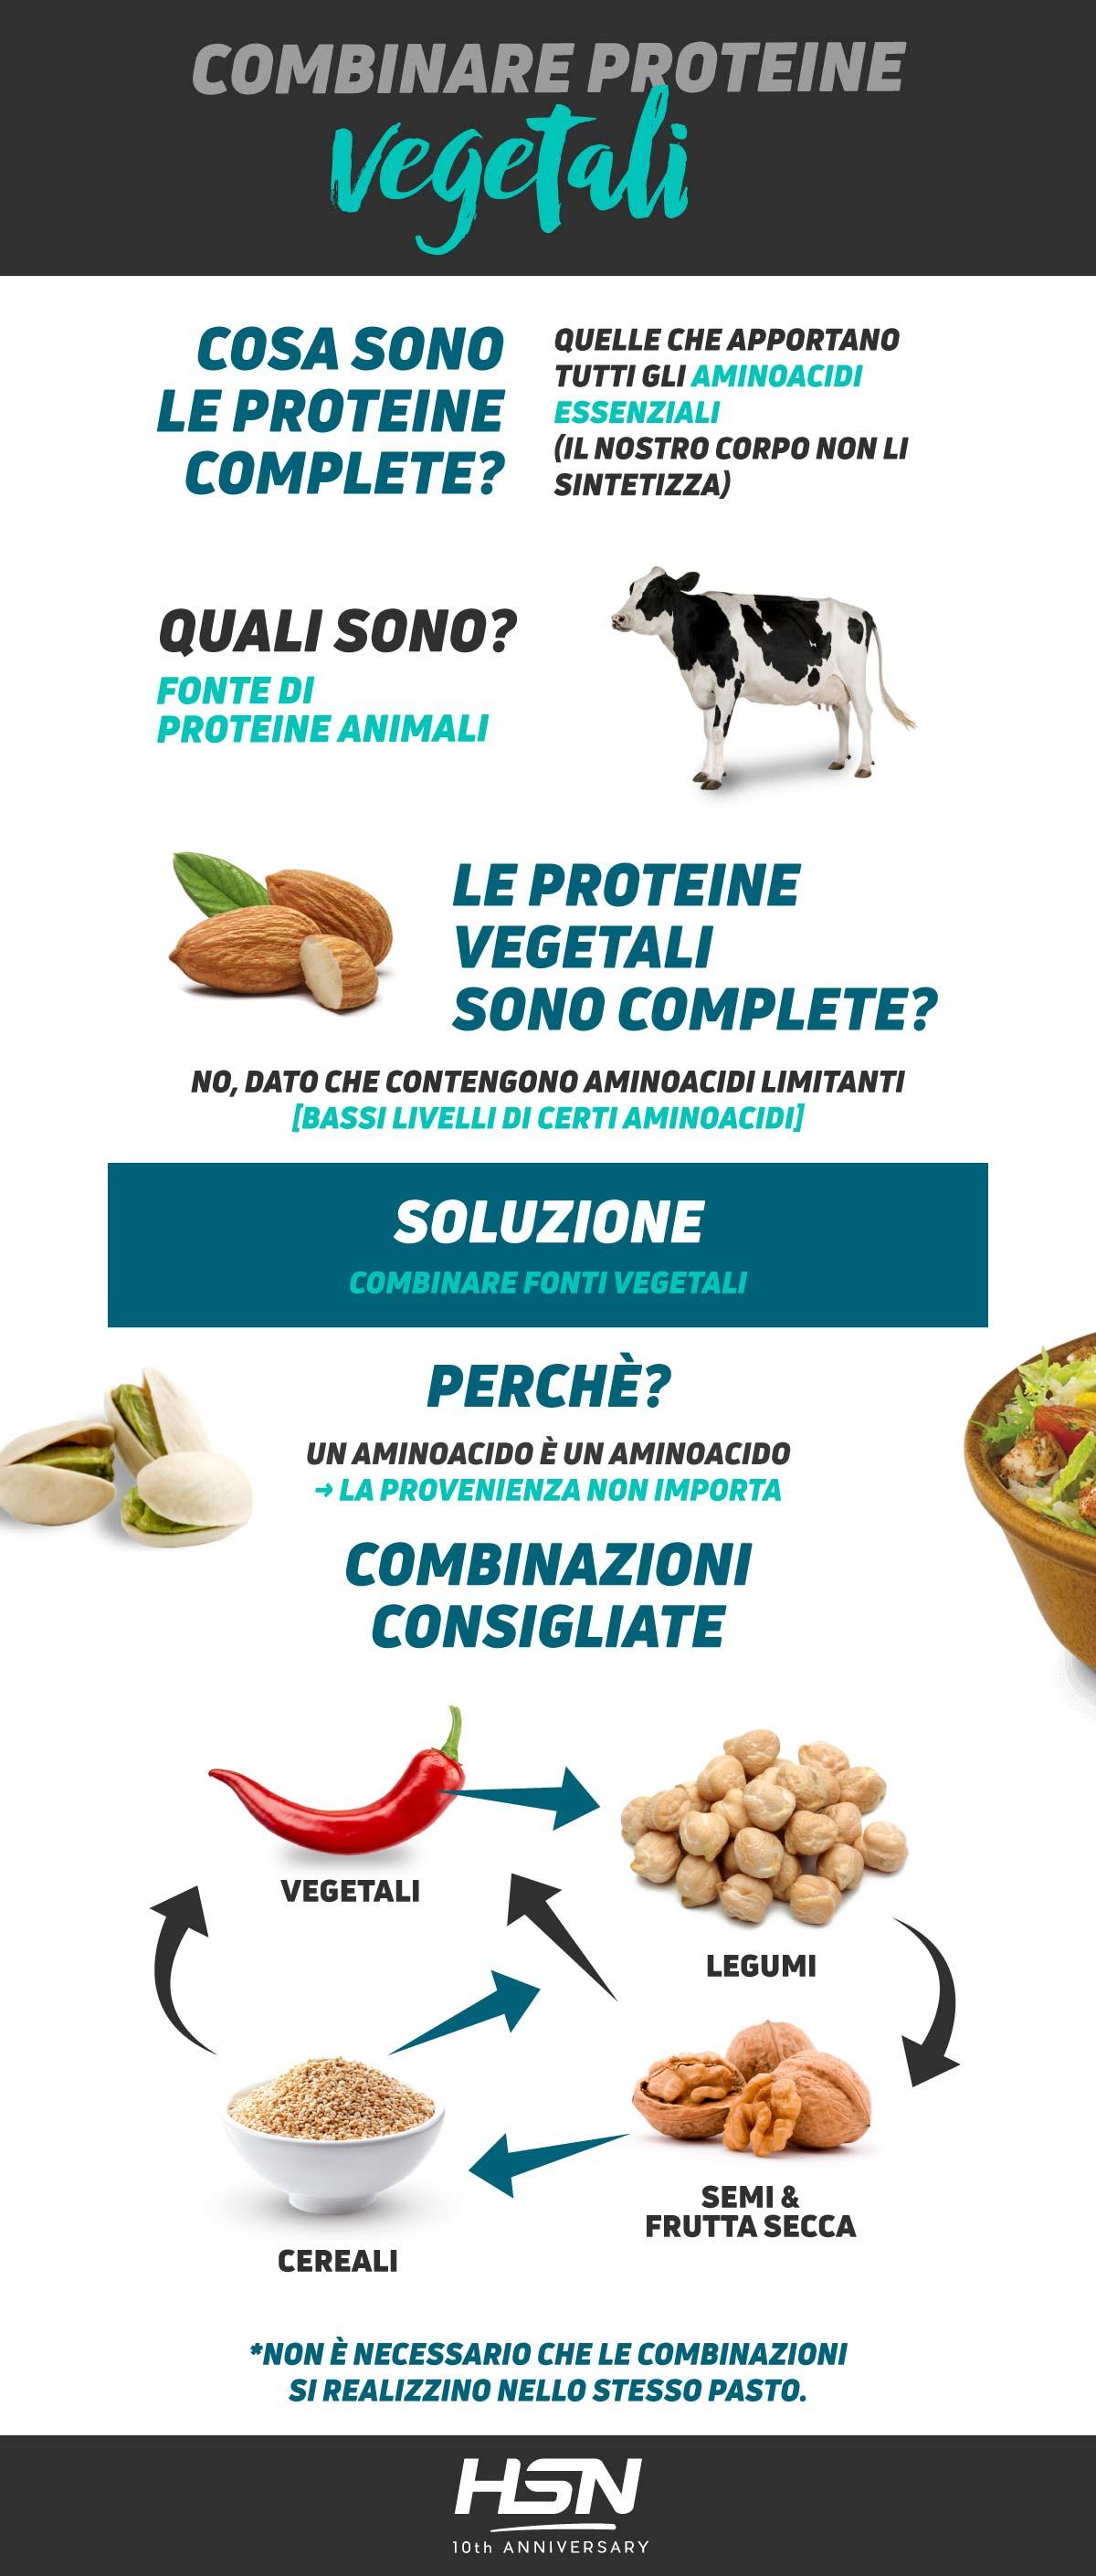 Come combinare le proteine vegetali